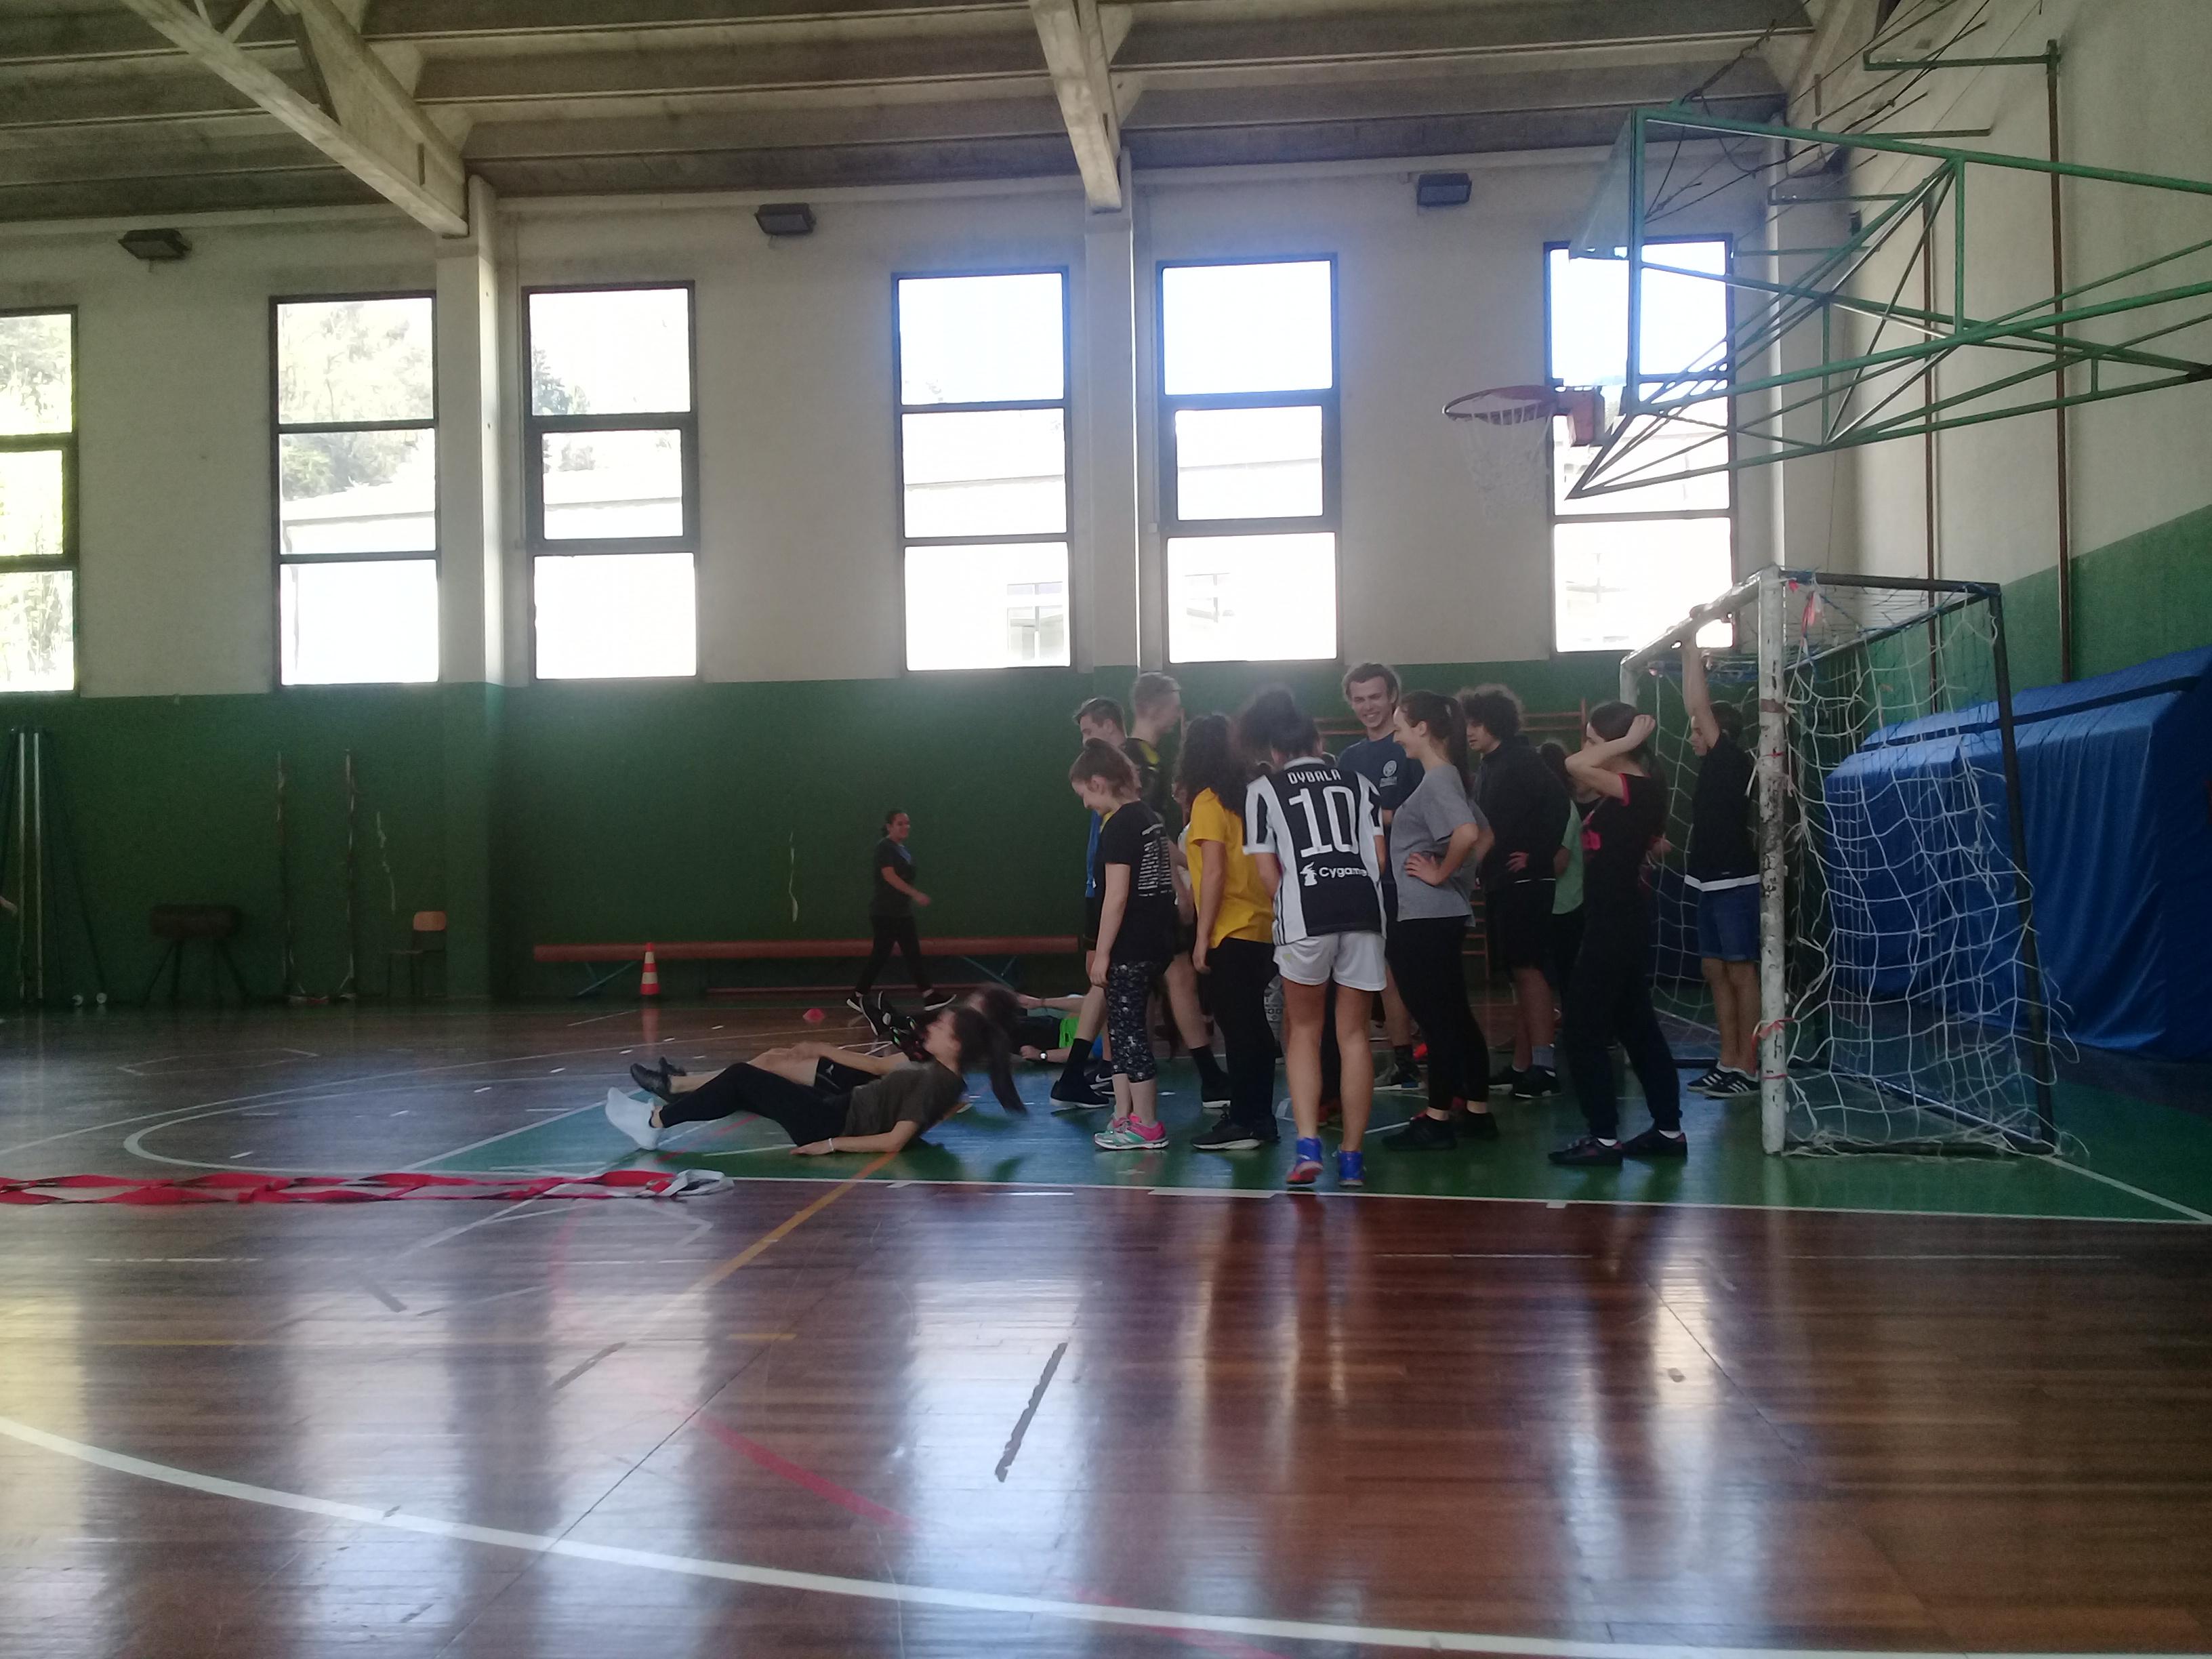 Sportunterricht: Aufwärmphase vor dem Fußballspiel.